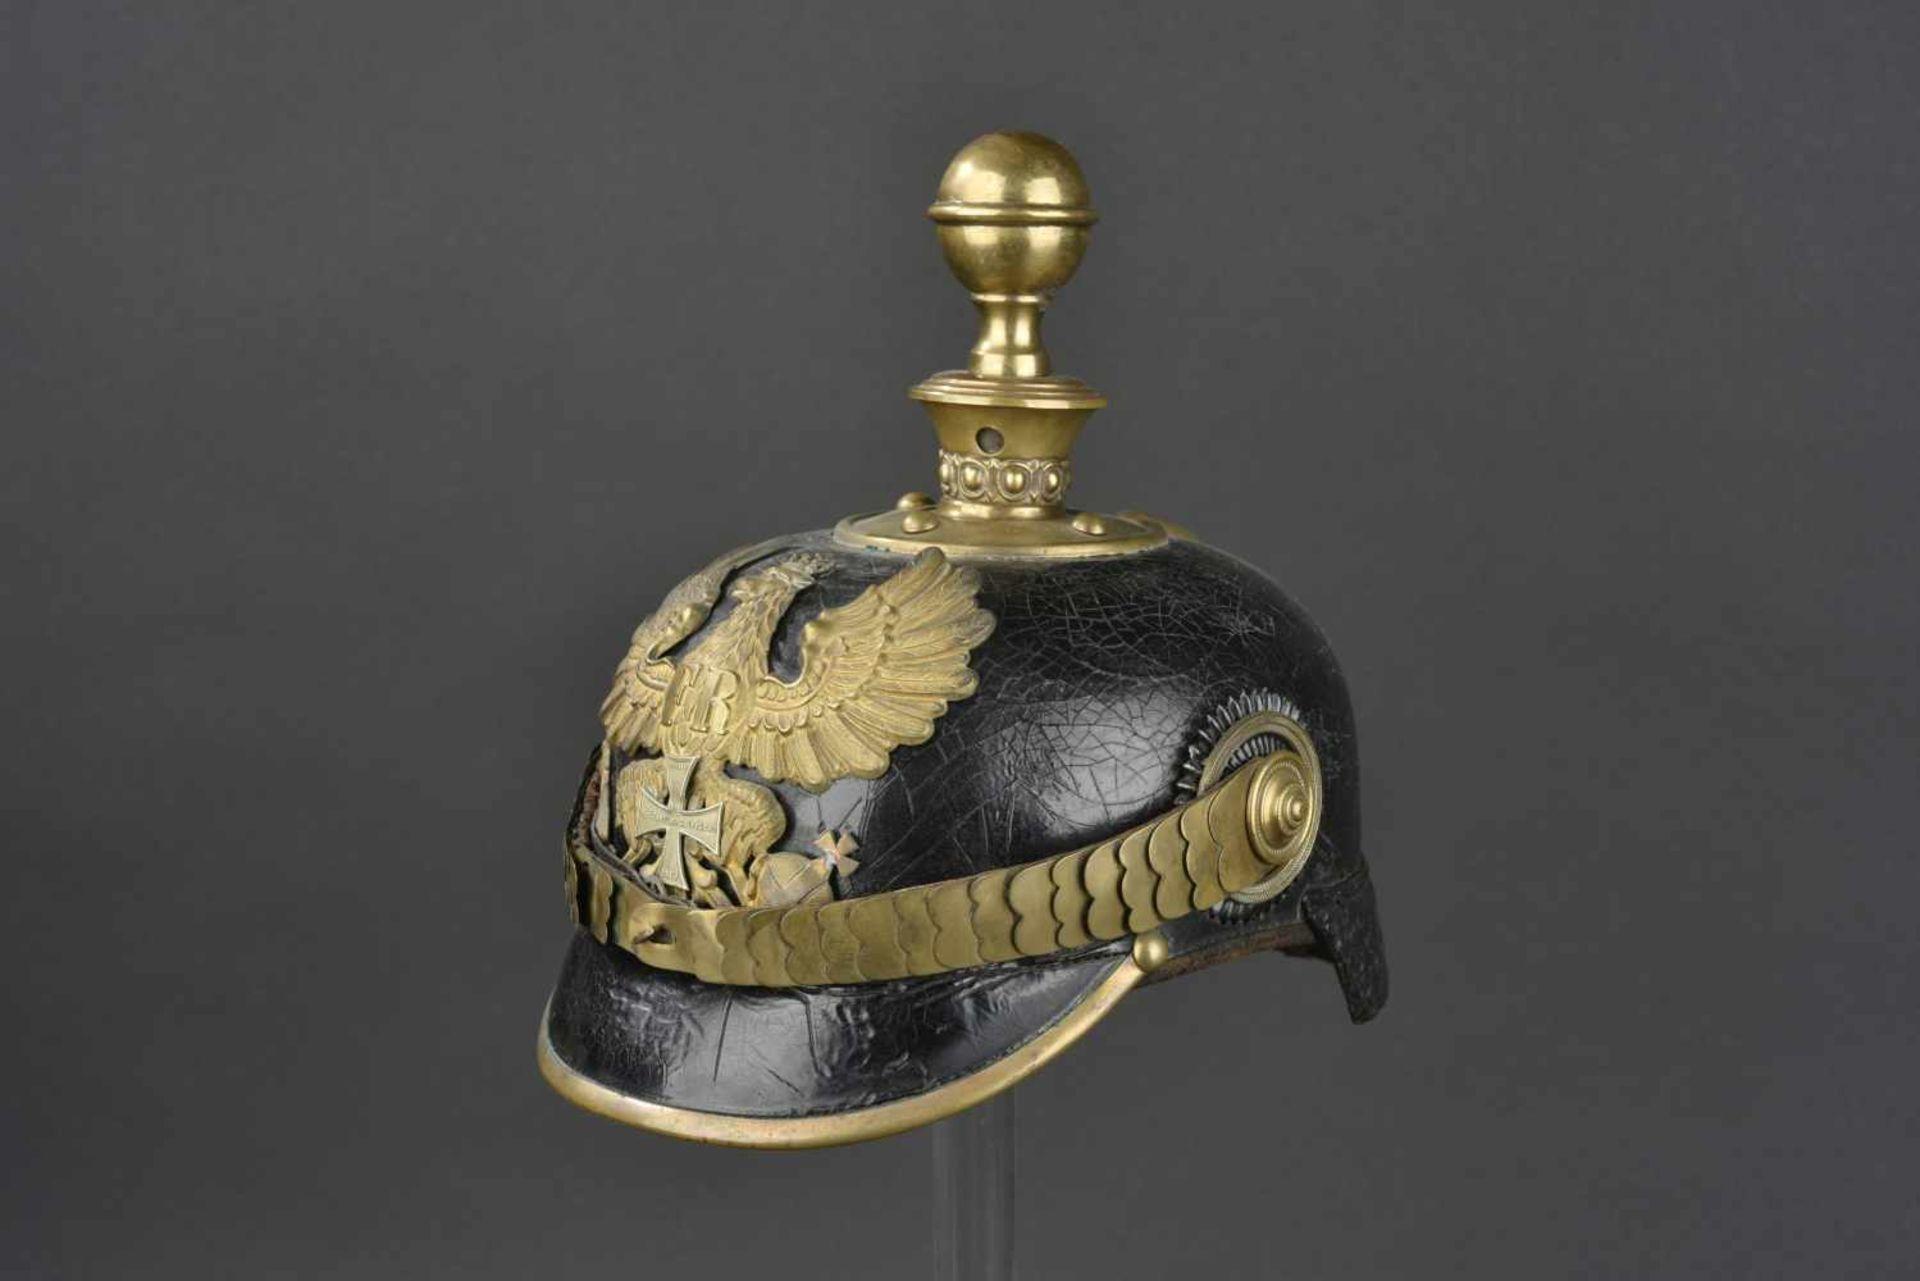 PRUSSE Casque d'artilleur modèle 1871/99 d'engagé Prussien de réserve Soie de la coiffe absente.